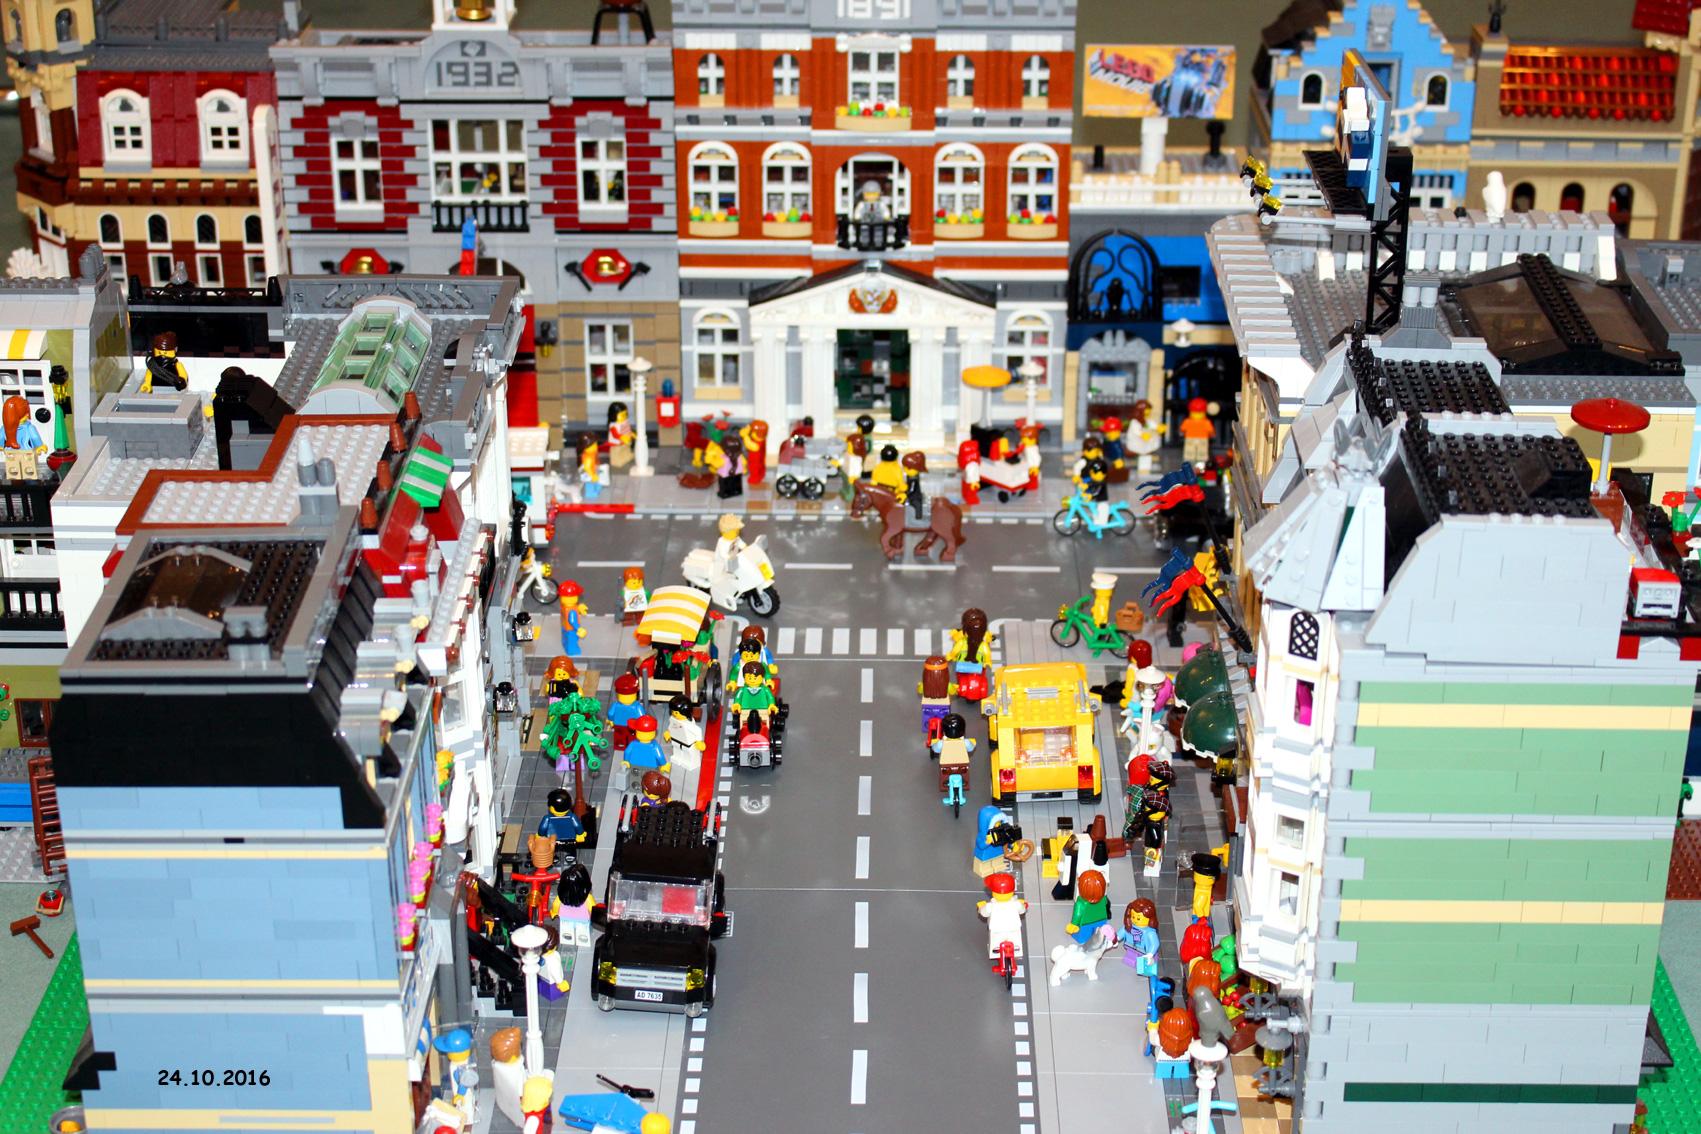 Lego City 01-2016